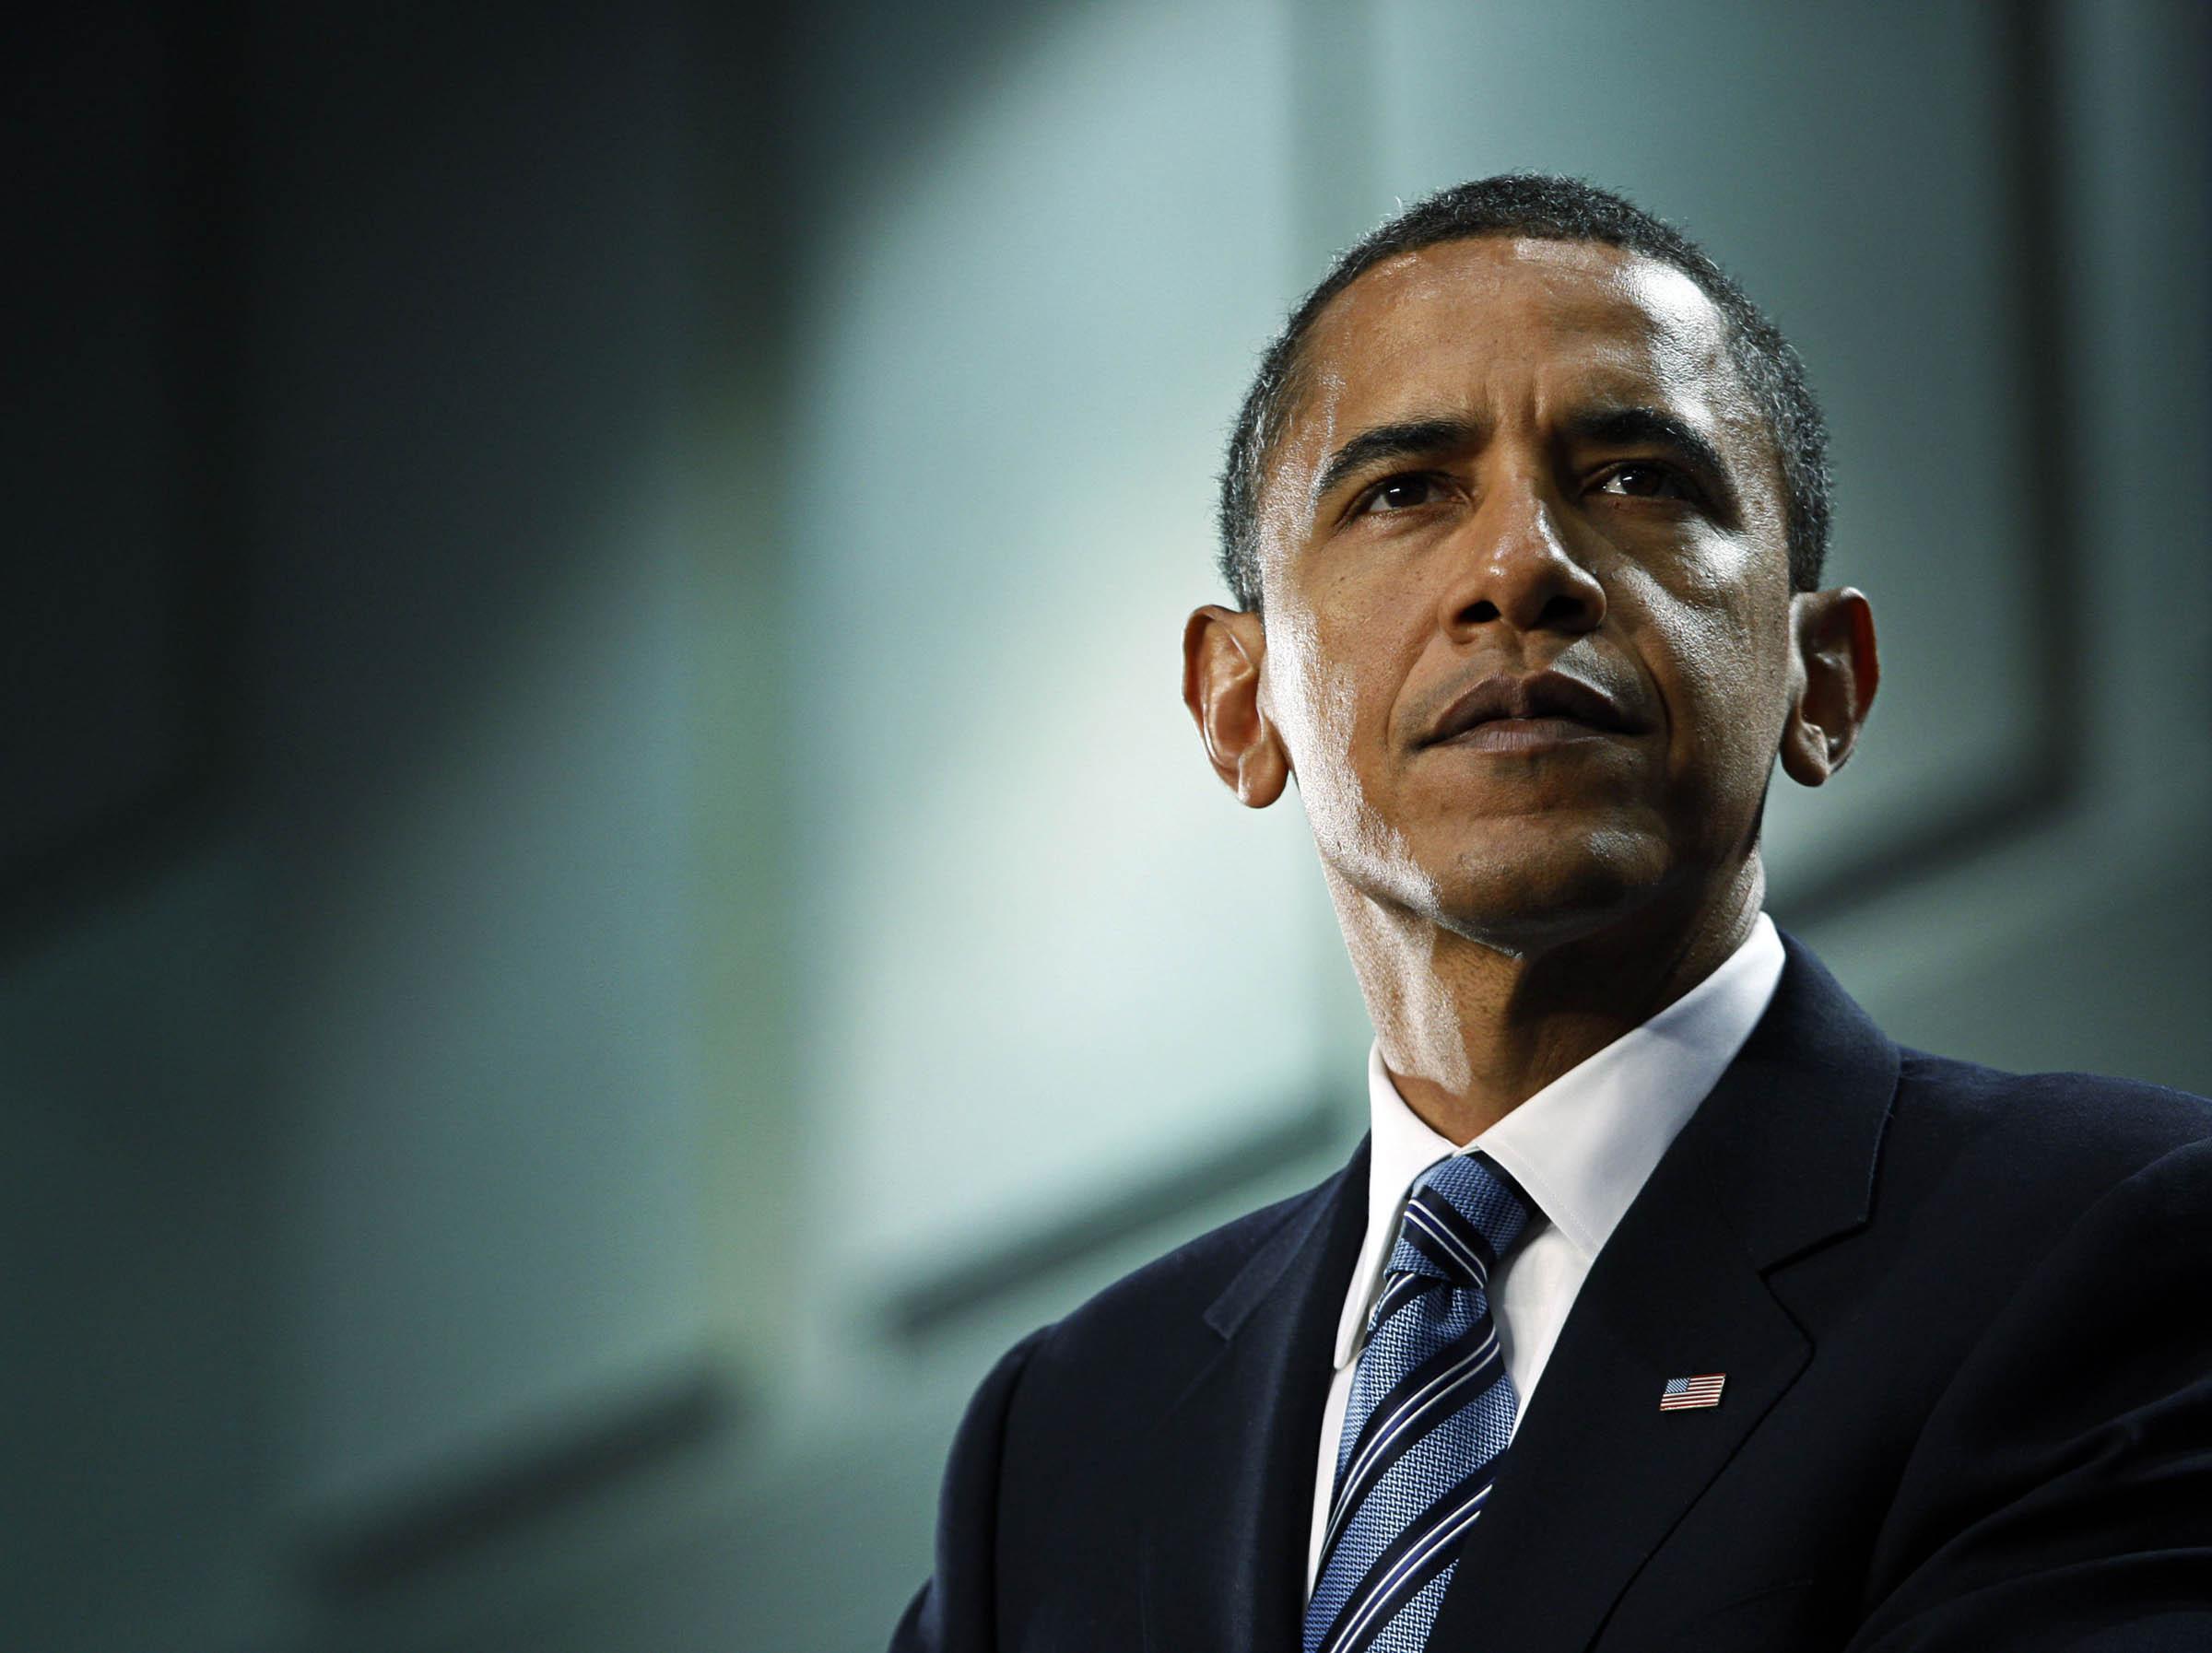 Obama ordina alle agenzie federali di ottimizzare i contenuti web per i cellulari